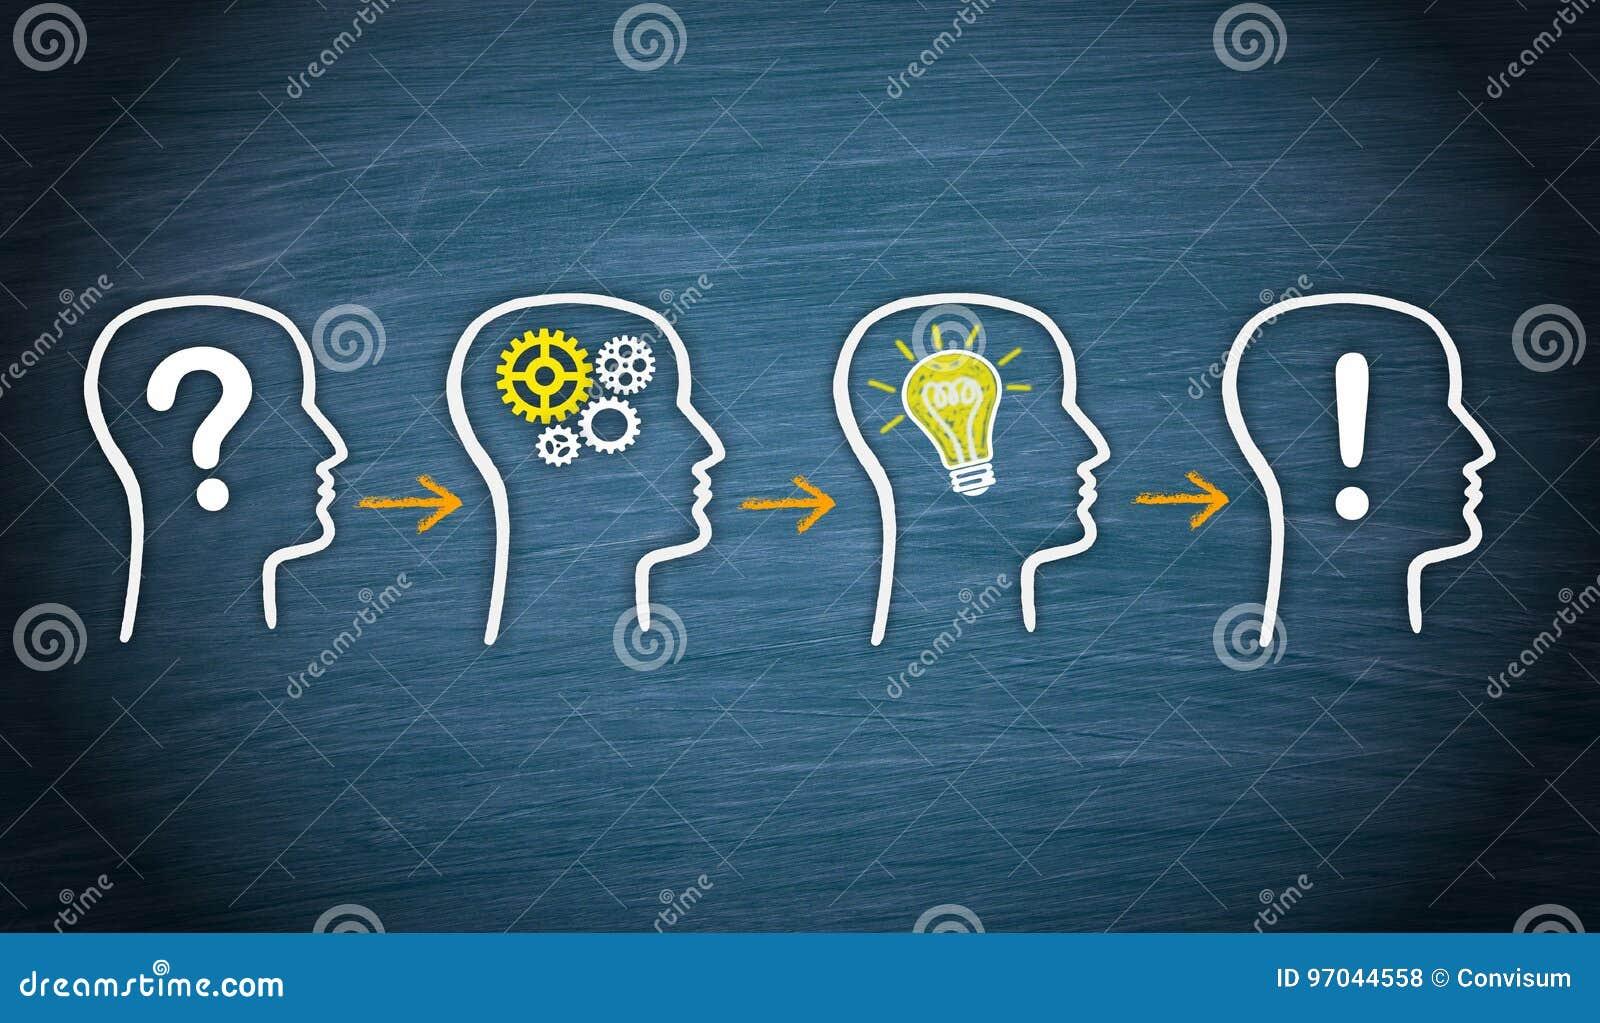 O problema, pensa, ideia, solução - conceito do negócio